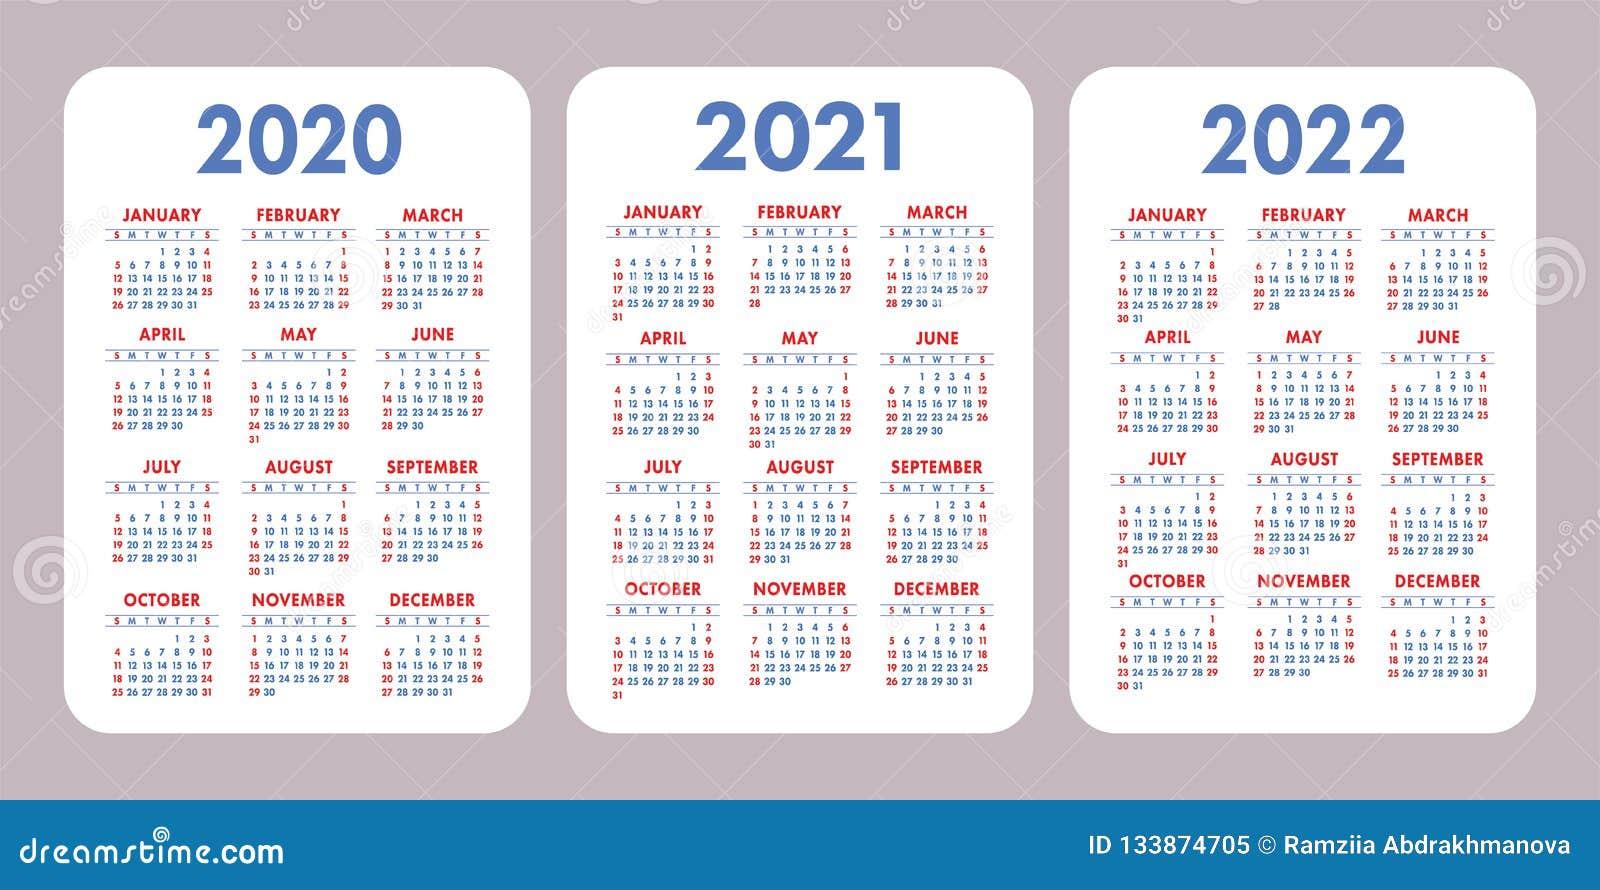 Calendario Diario 2020.Calendario 2020 2021 2022 Anos Diseno Vertical Del